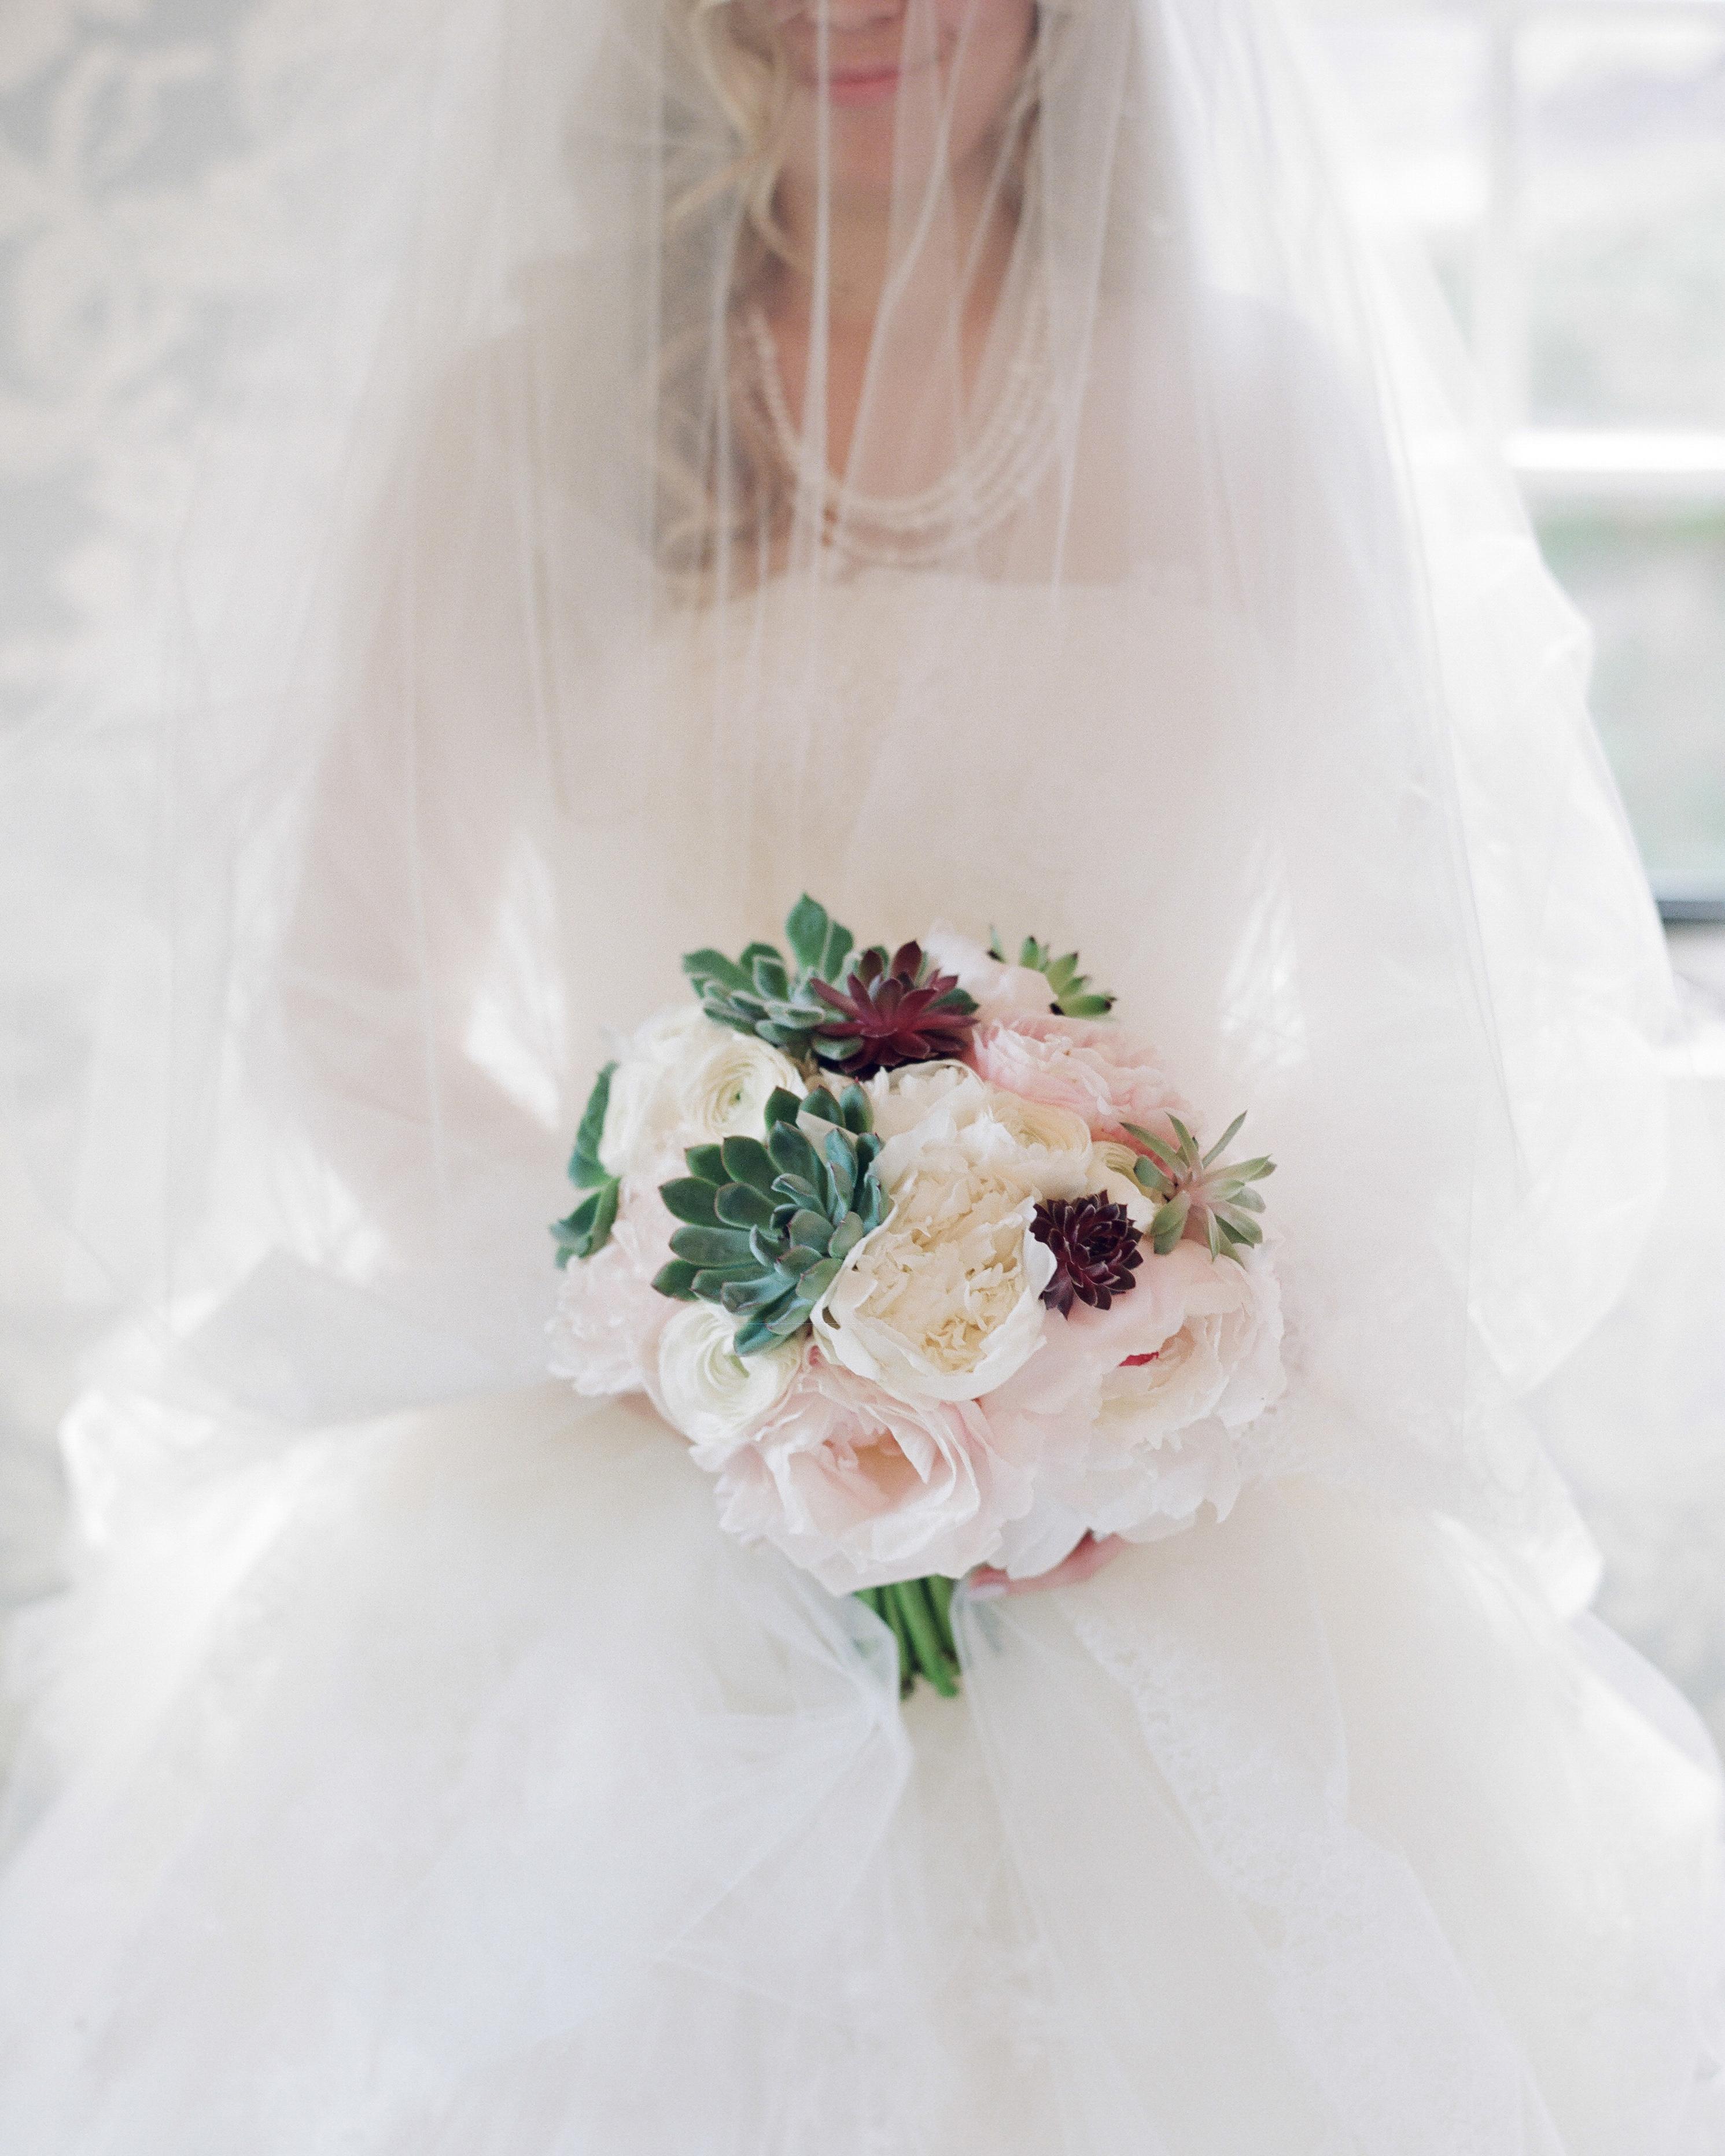 brittany-jeff-wedding-bouquet-258-s111415-0714.jpg